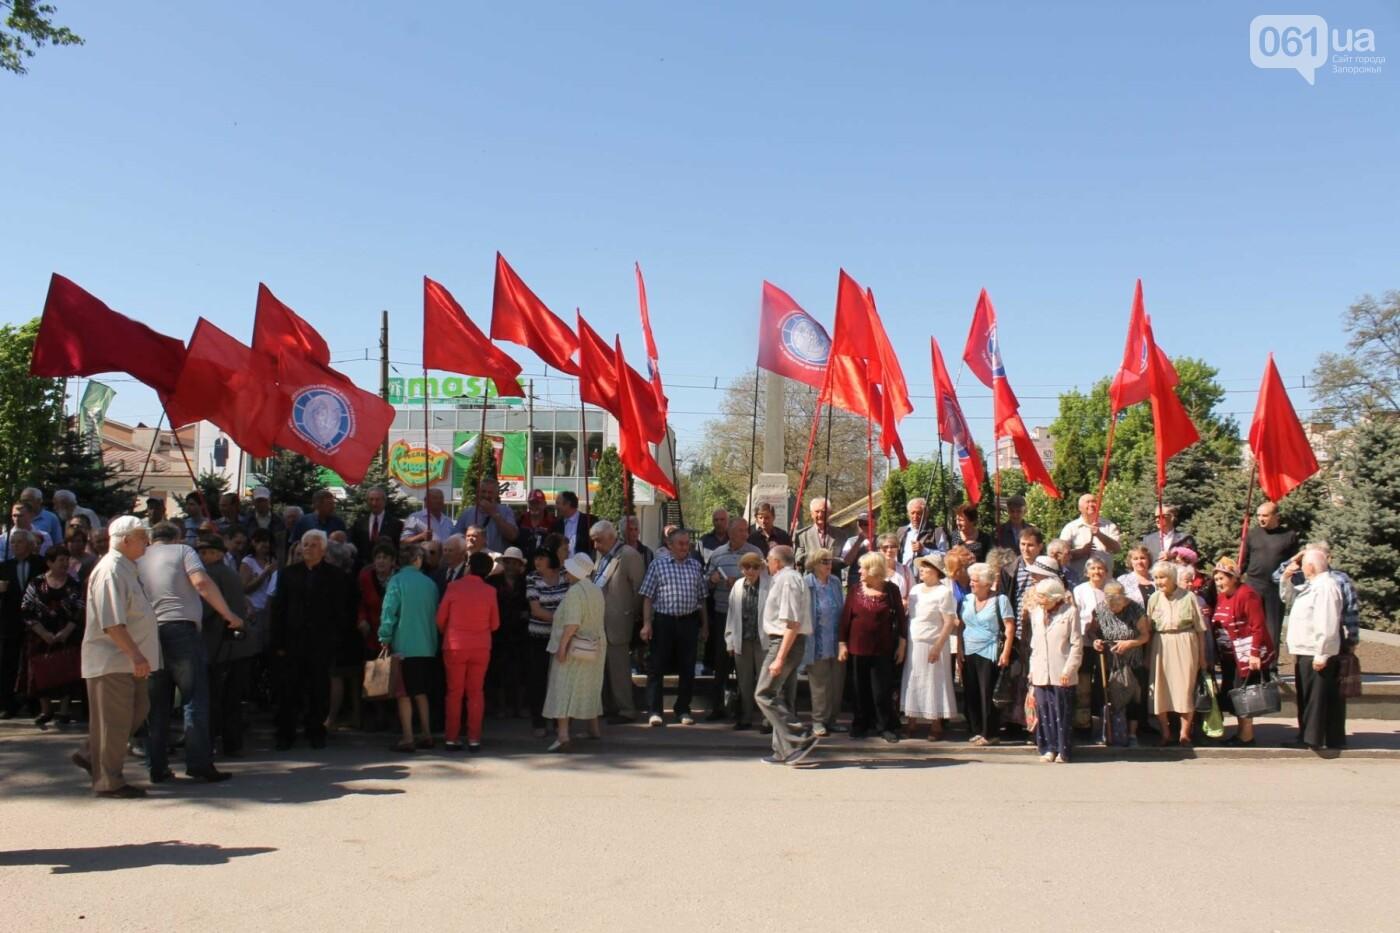 Запорожские коммунисты с красными флагами провели митинг к 1 мая: к «вечному огню» на Свободы пришли полсотни людей, – ФОТОРЕПОРТАЖ, фото-19